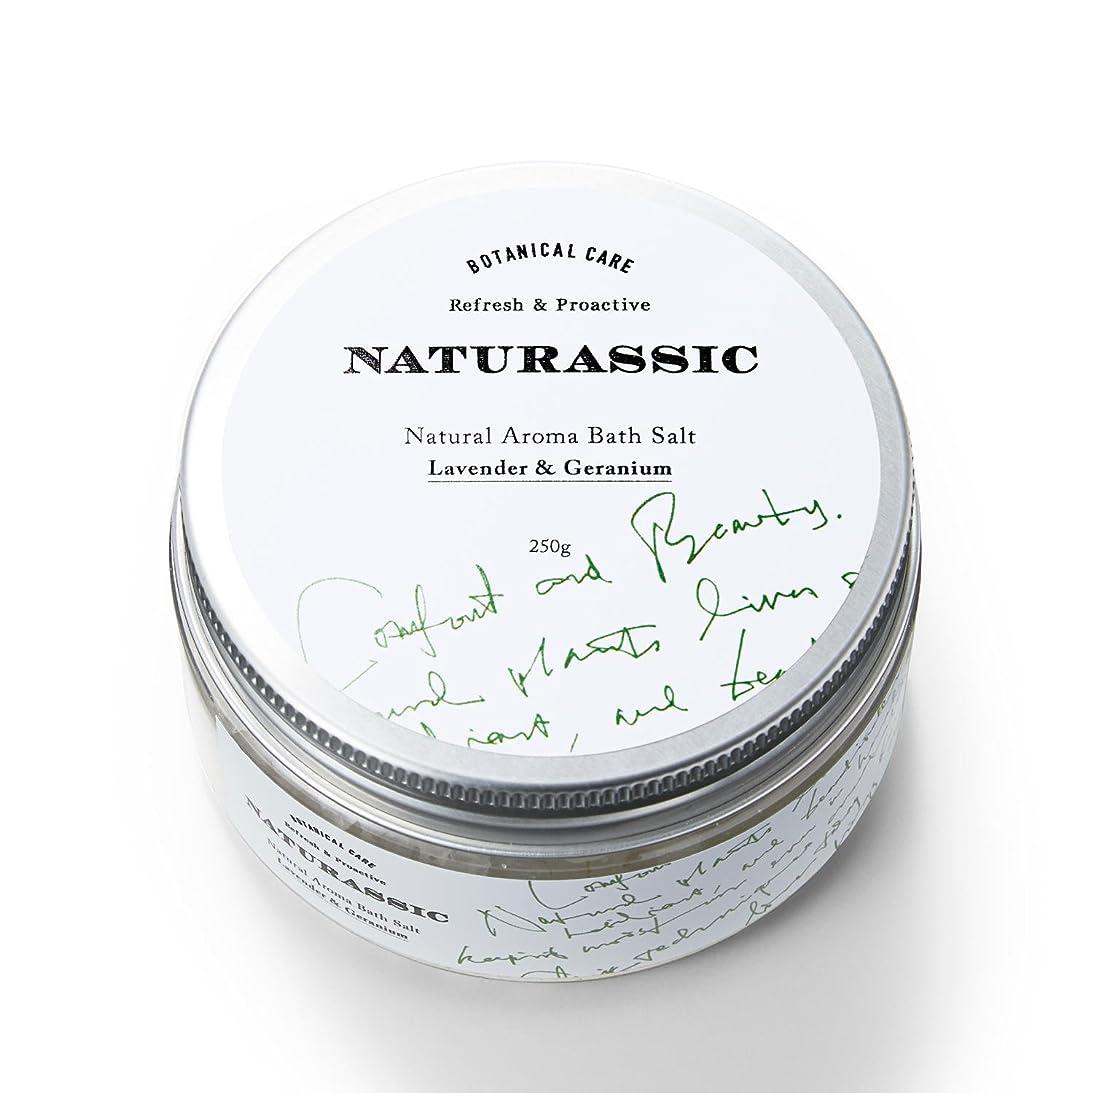 すり減るチャールズキージング闇ナチュラシック ナチュラルアロマバスソルトLG ラベンダー&ゼラニウムの香り 250g [天然由来成分100%]